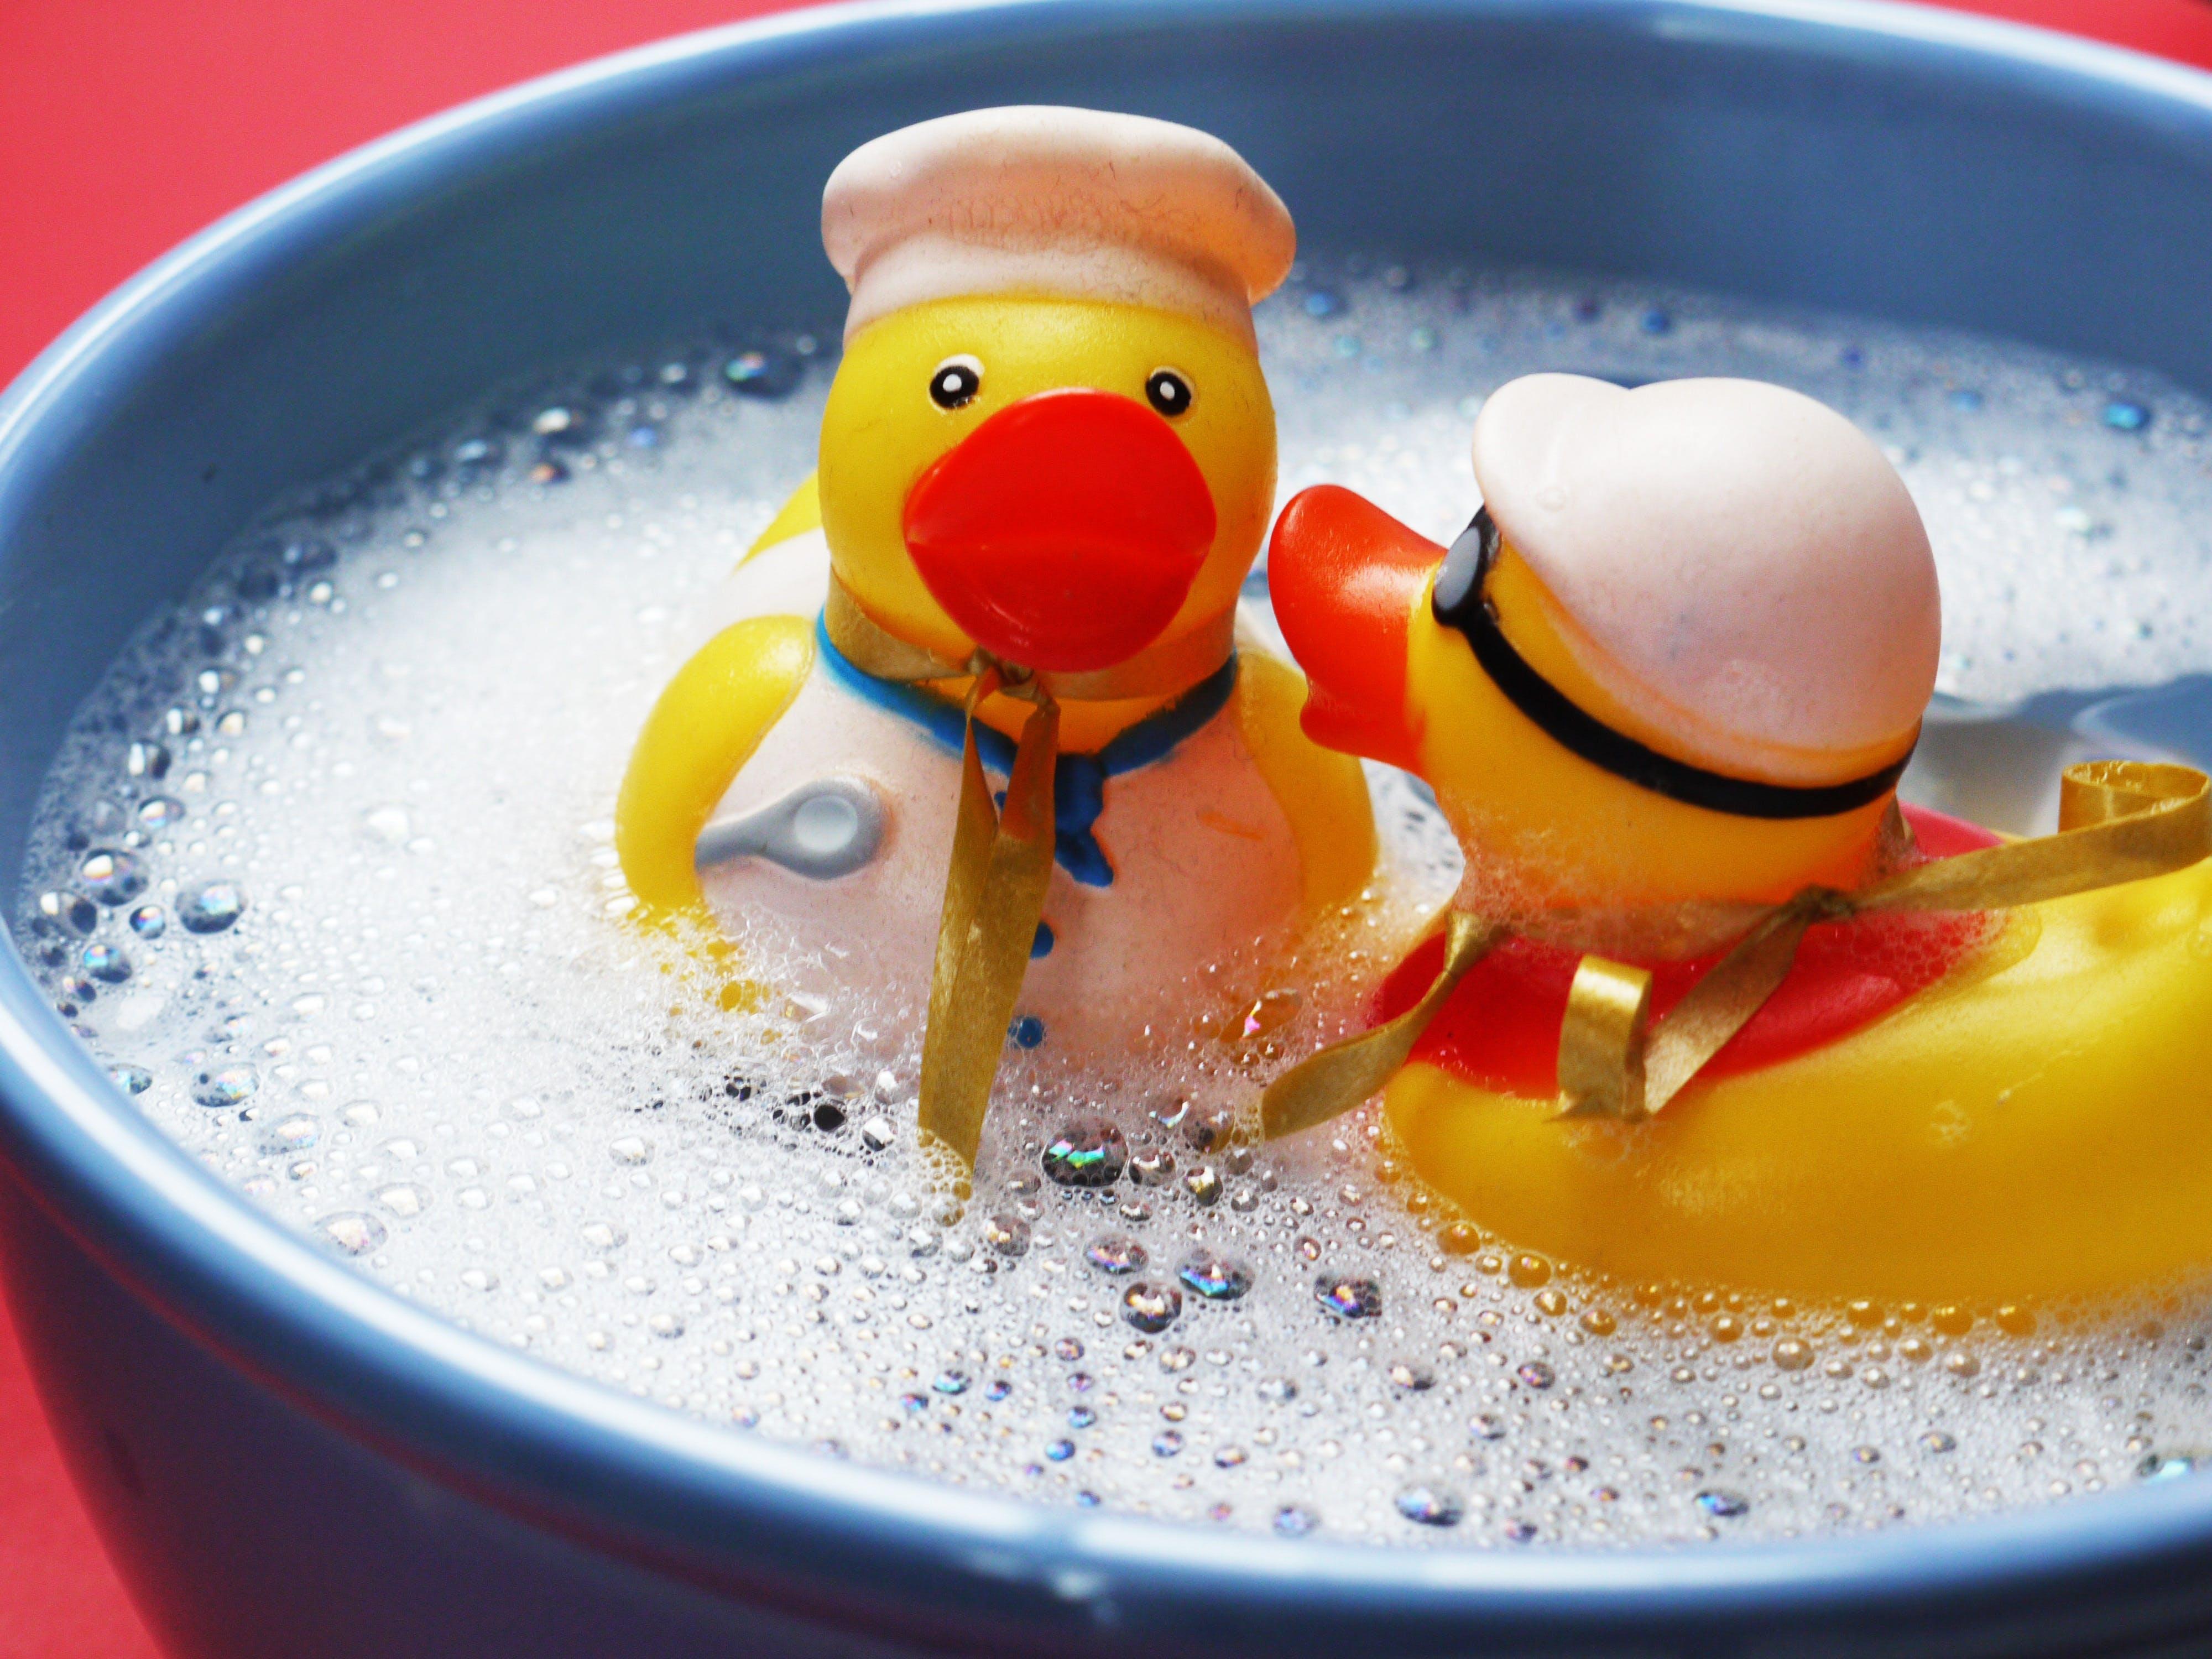 Siapkan perlengkapan mandi anak, termasuk teman mandinya. (Foto: Pexels)